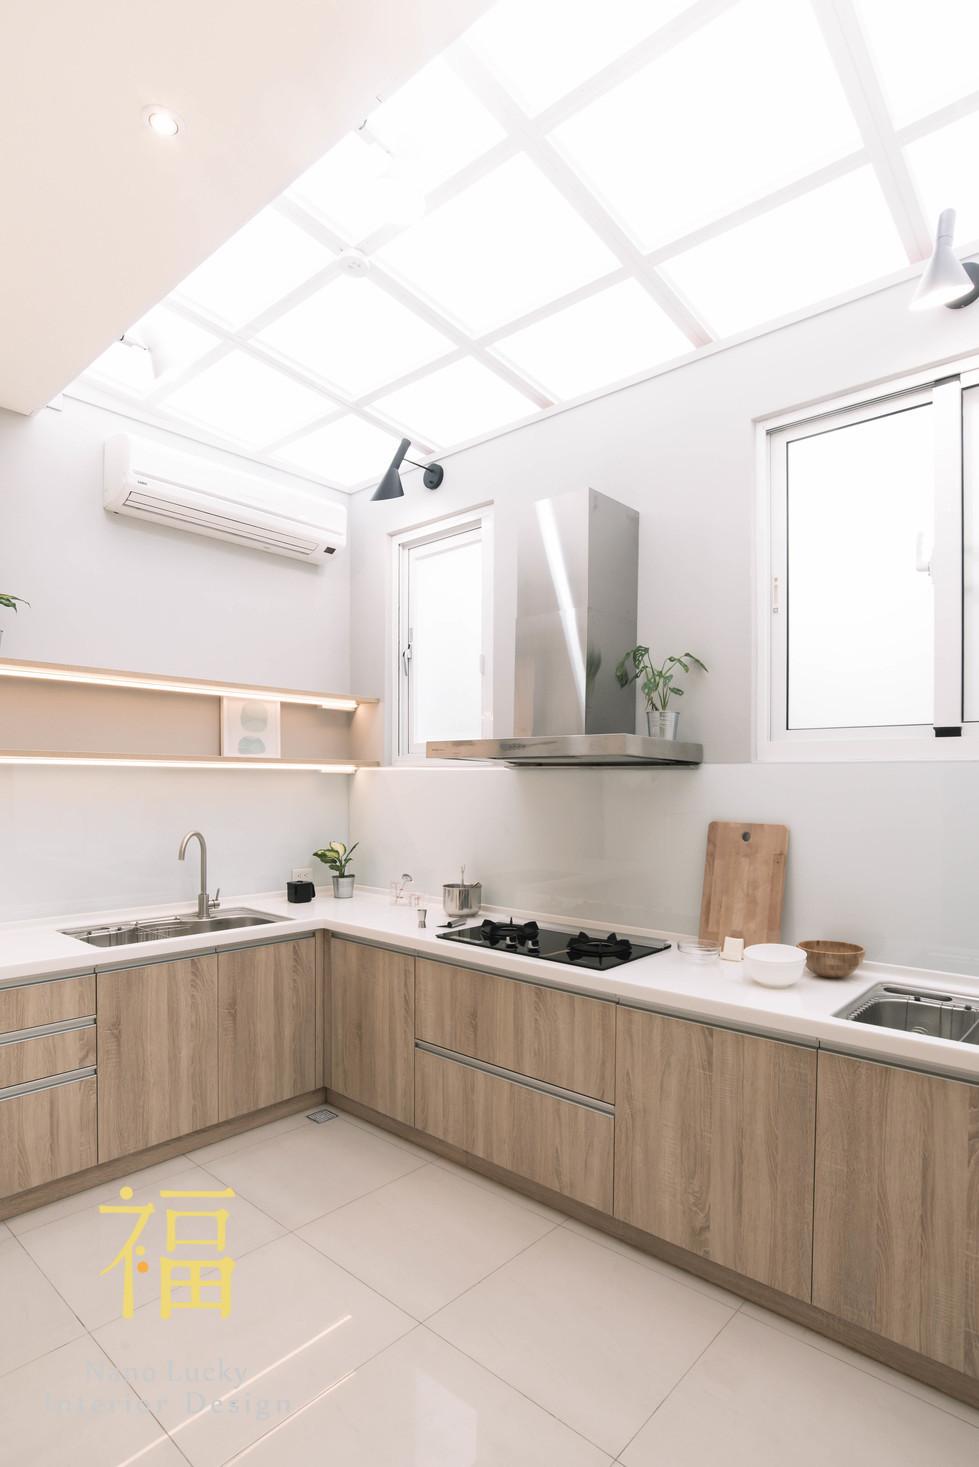 Nanolucky小福砌空間設計-市宅街王宅-住宅設計-日系無印風-自然採光